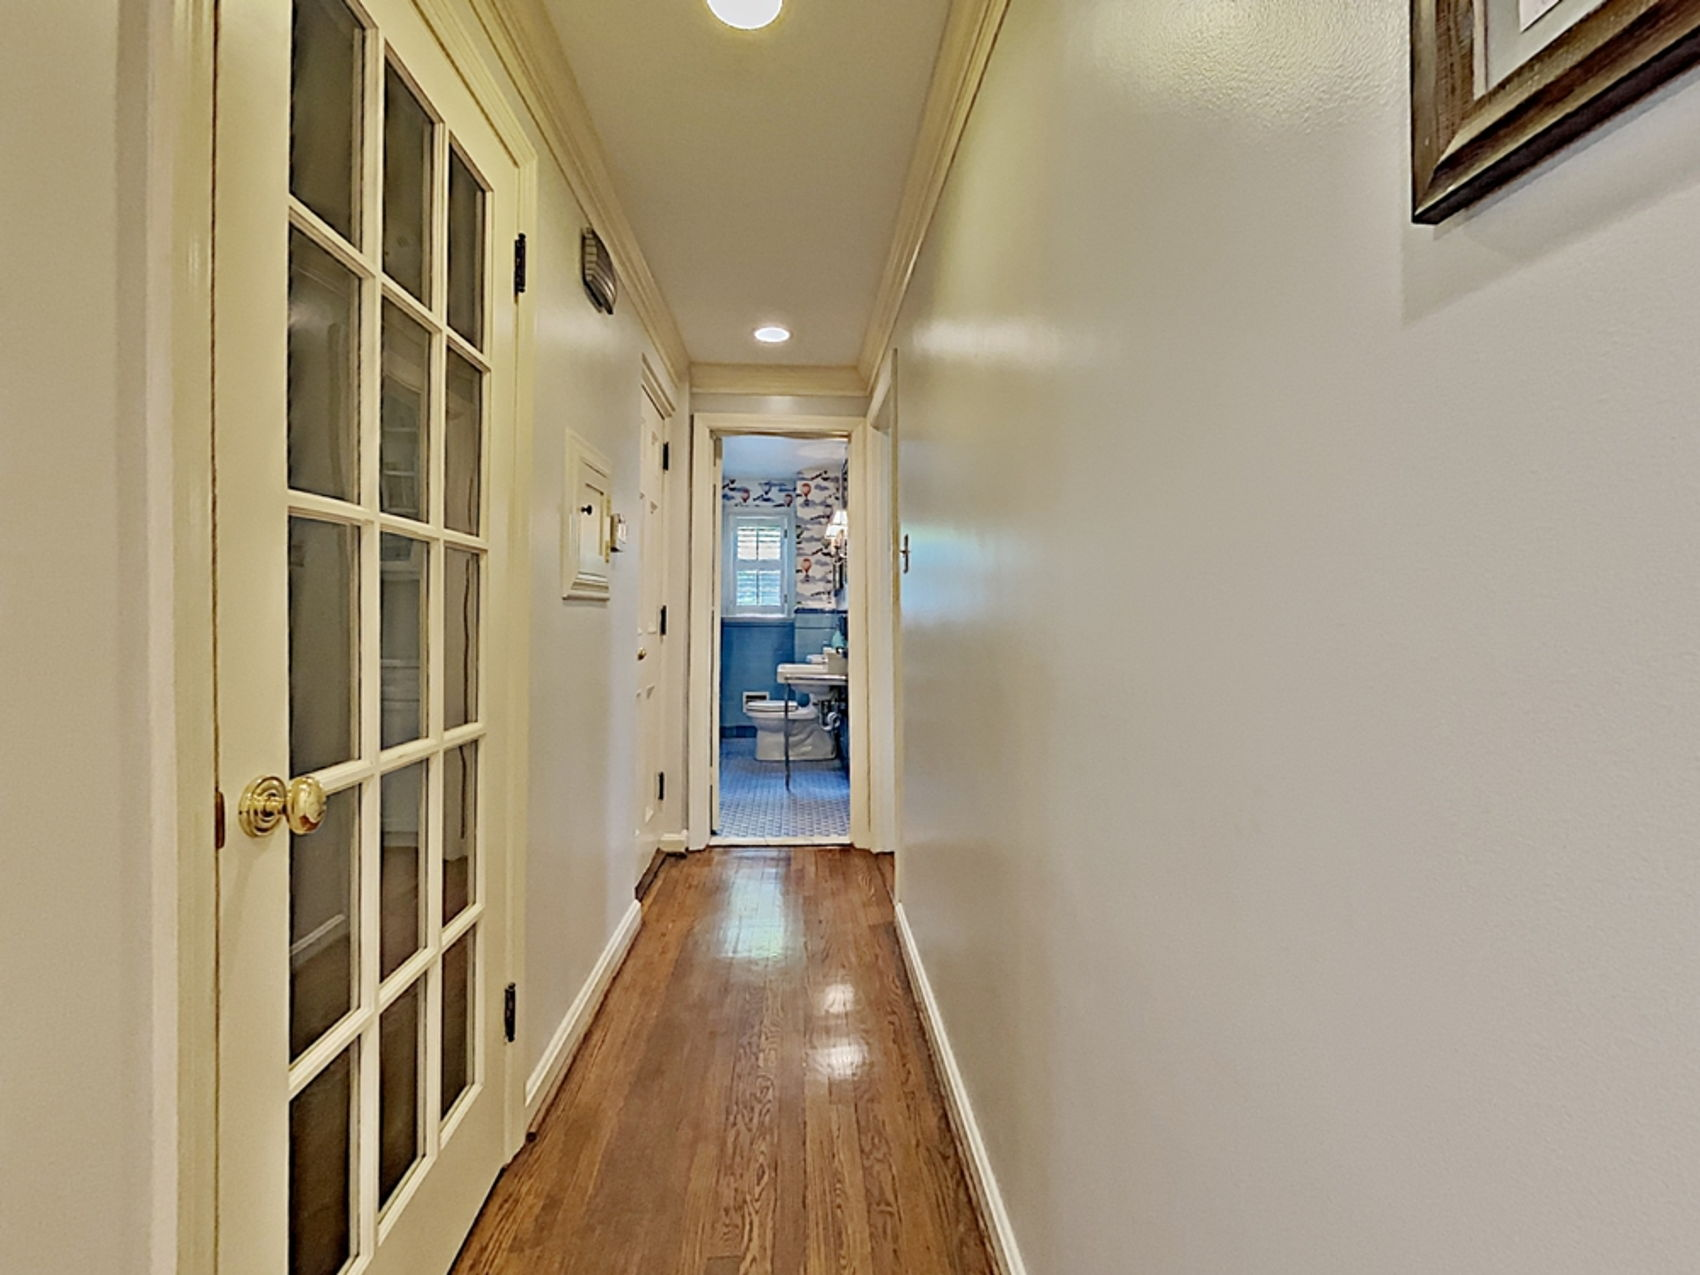 Rear hallway